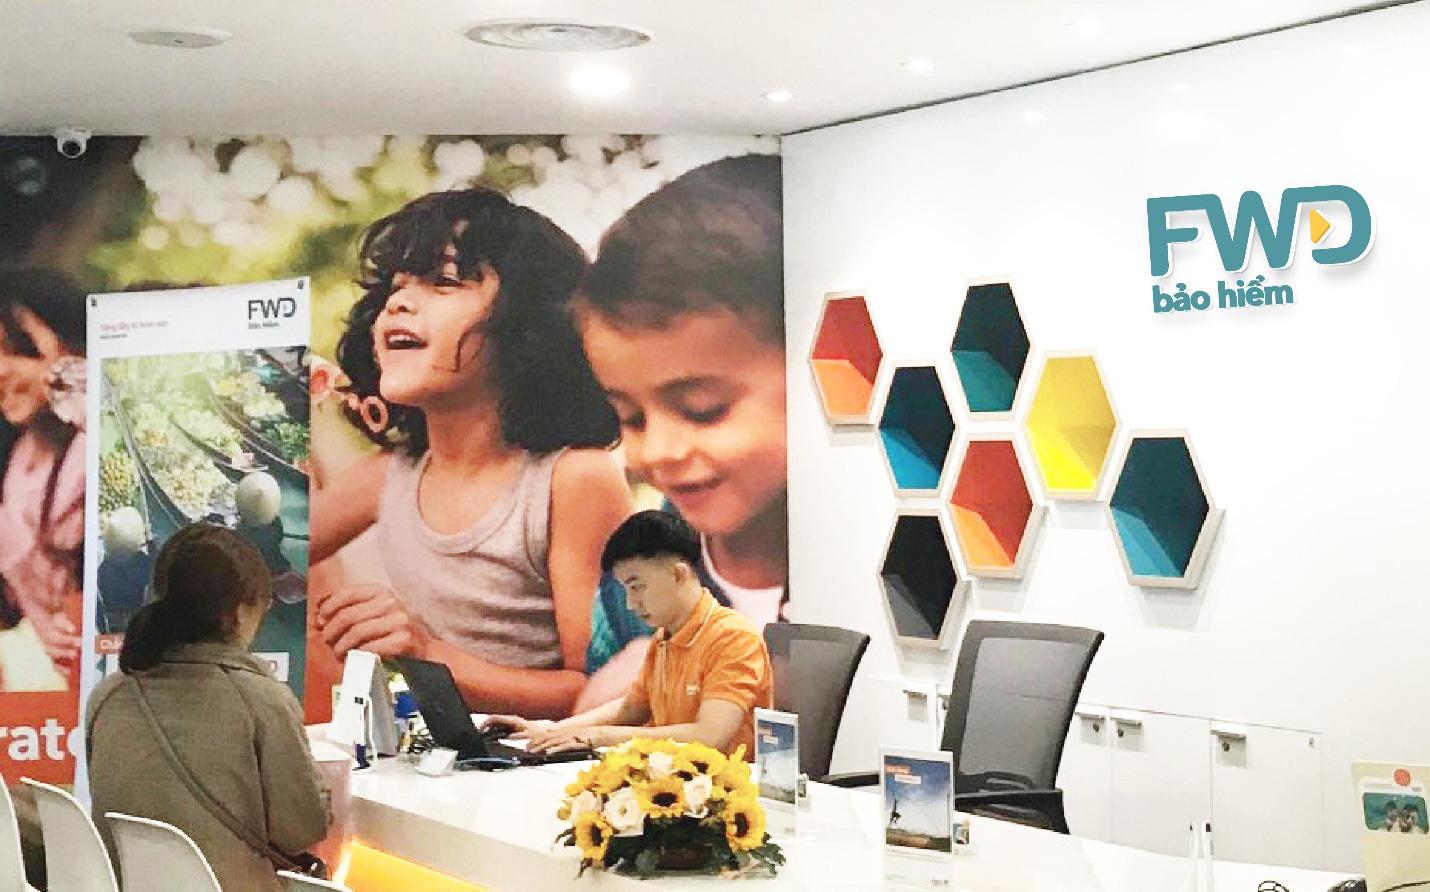 FWD đồng hành và chia sẻ với khách hàng trong mùa dịch Corona